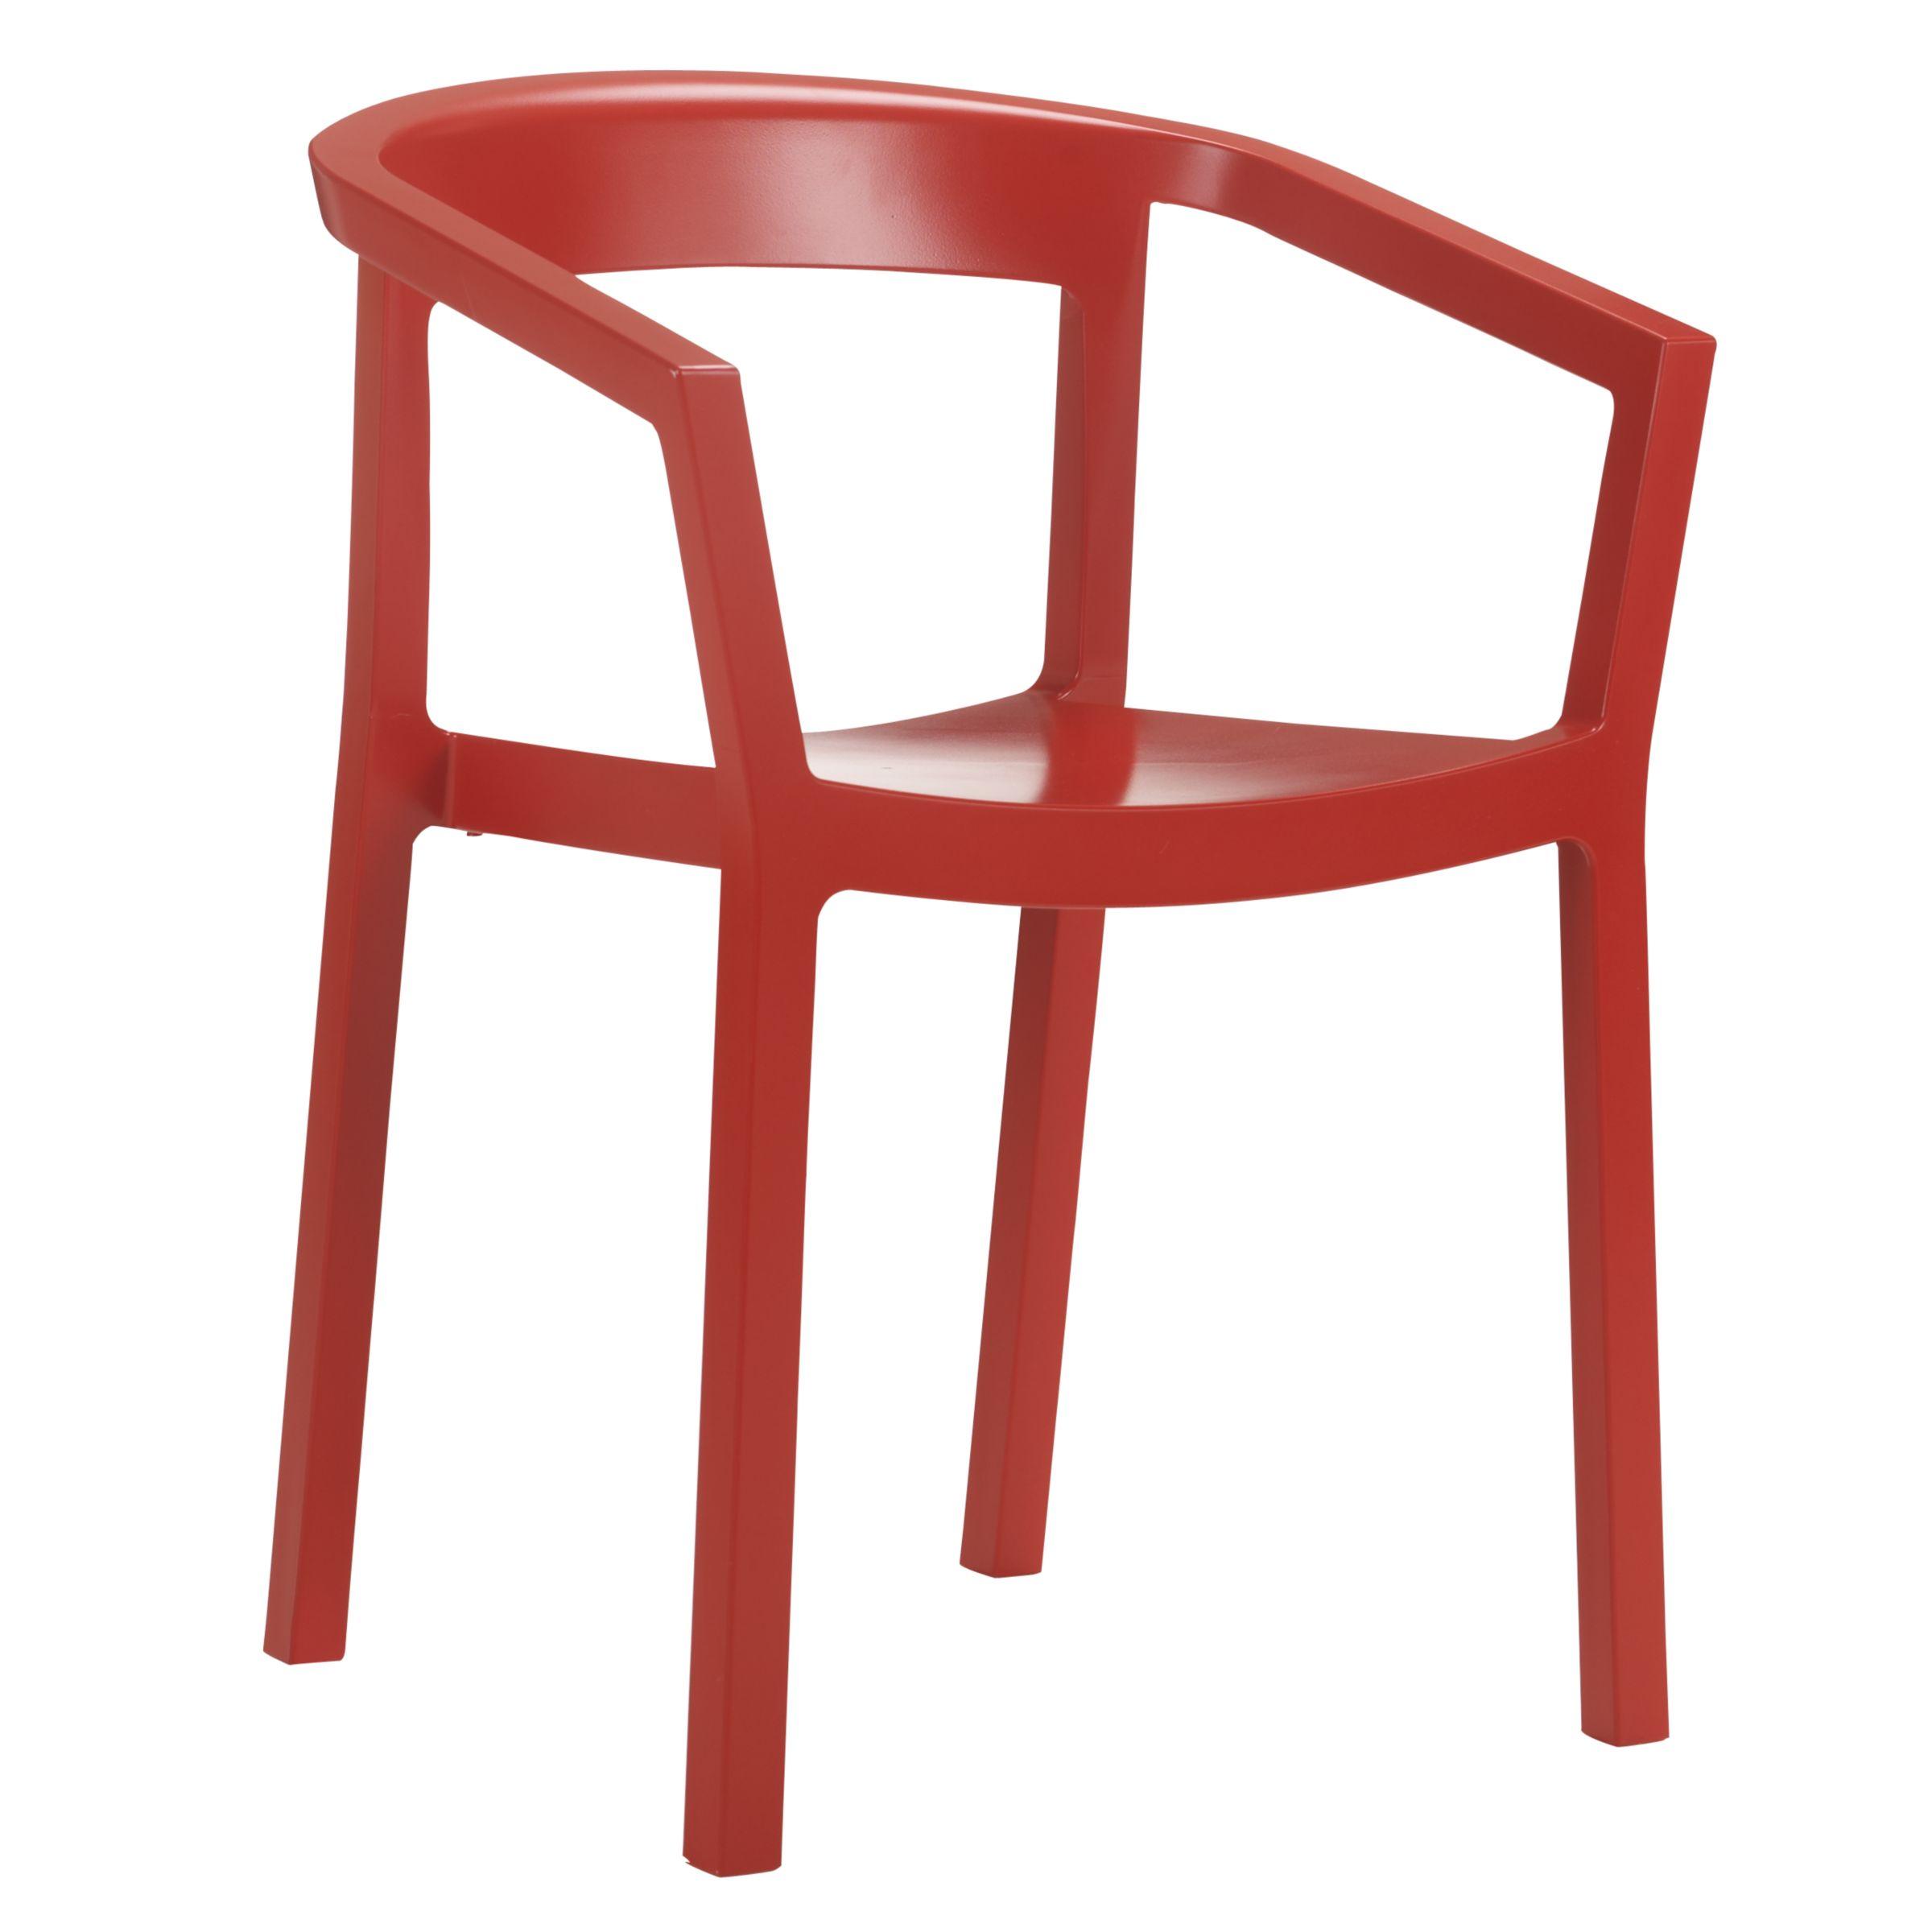 Resol Peach Chair, Chilli